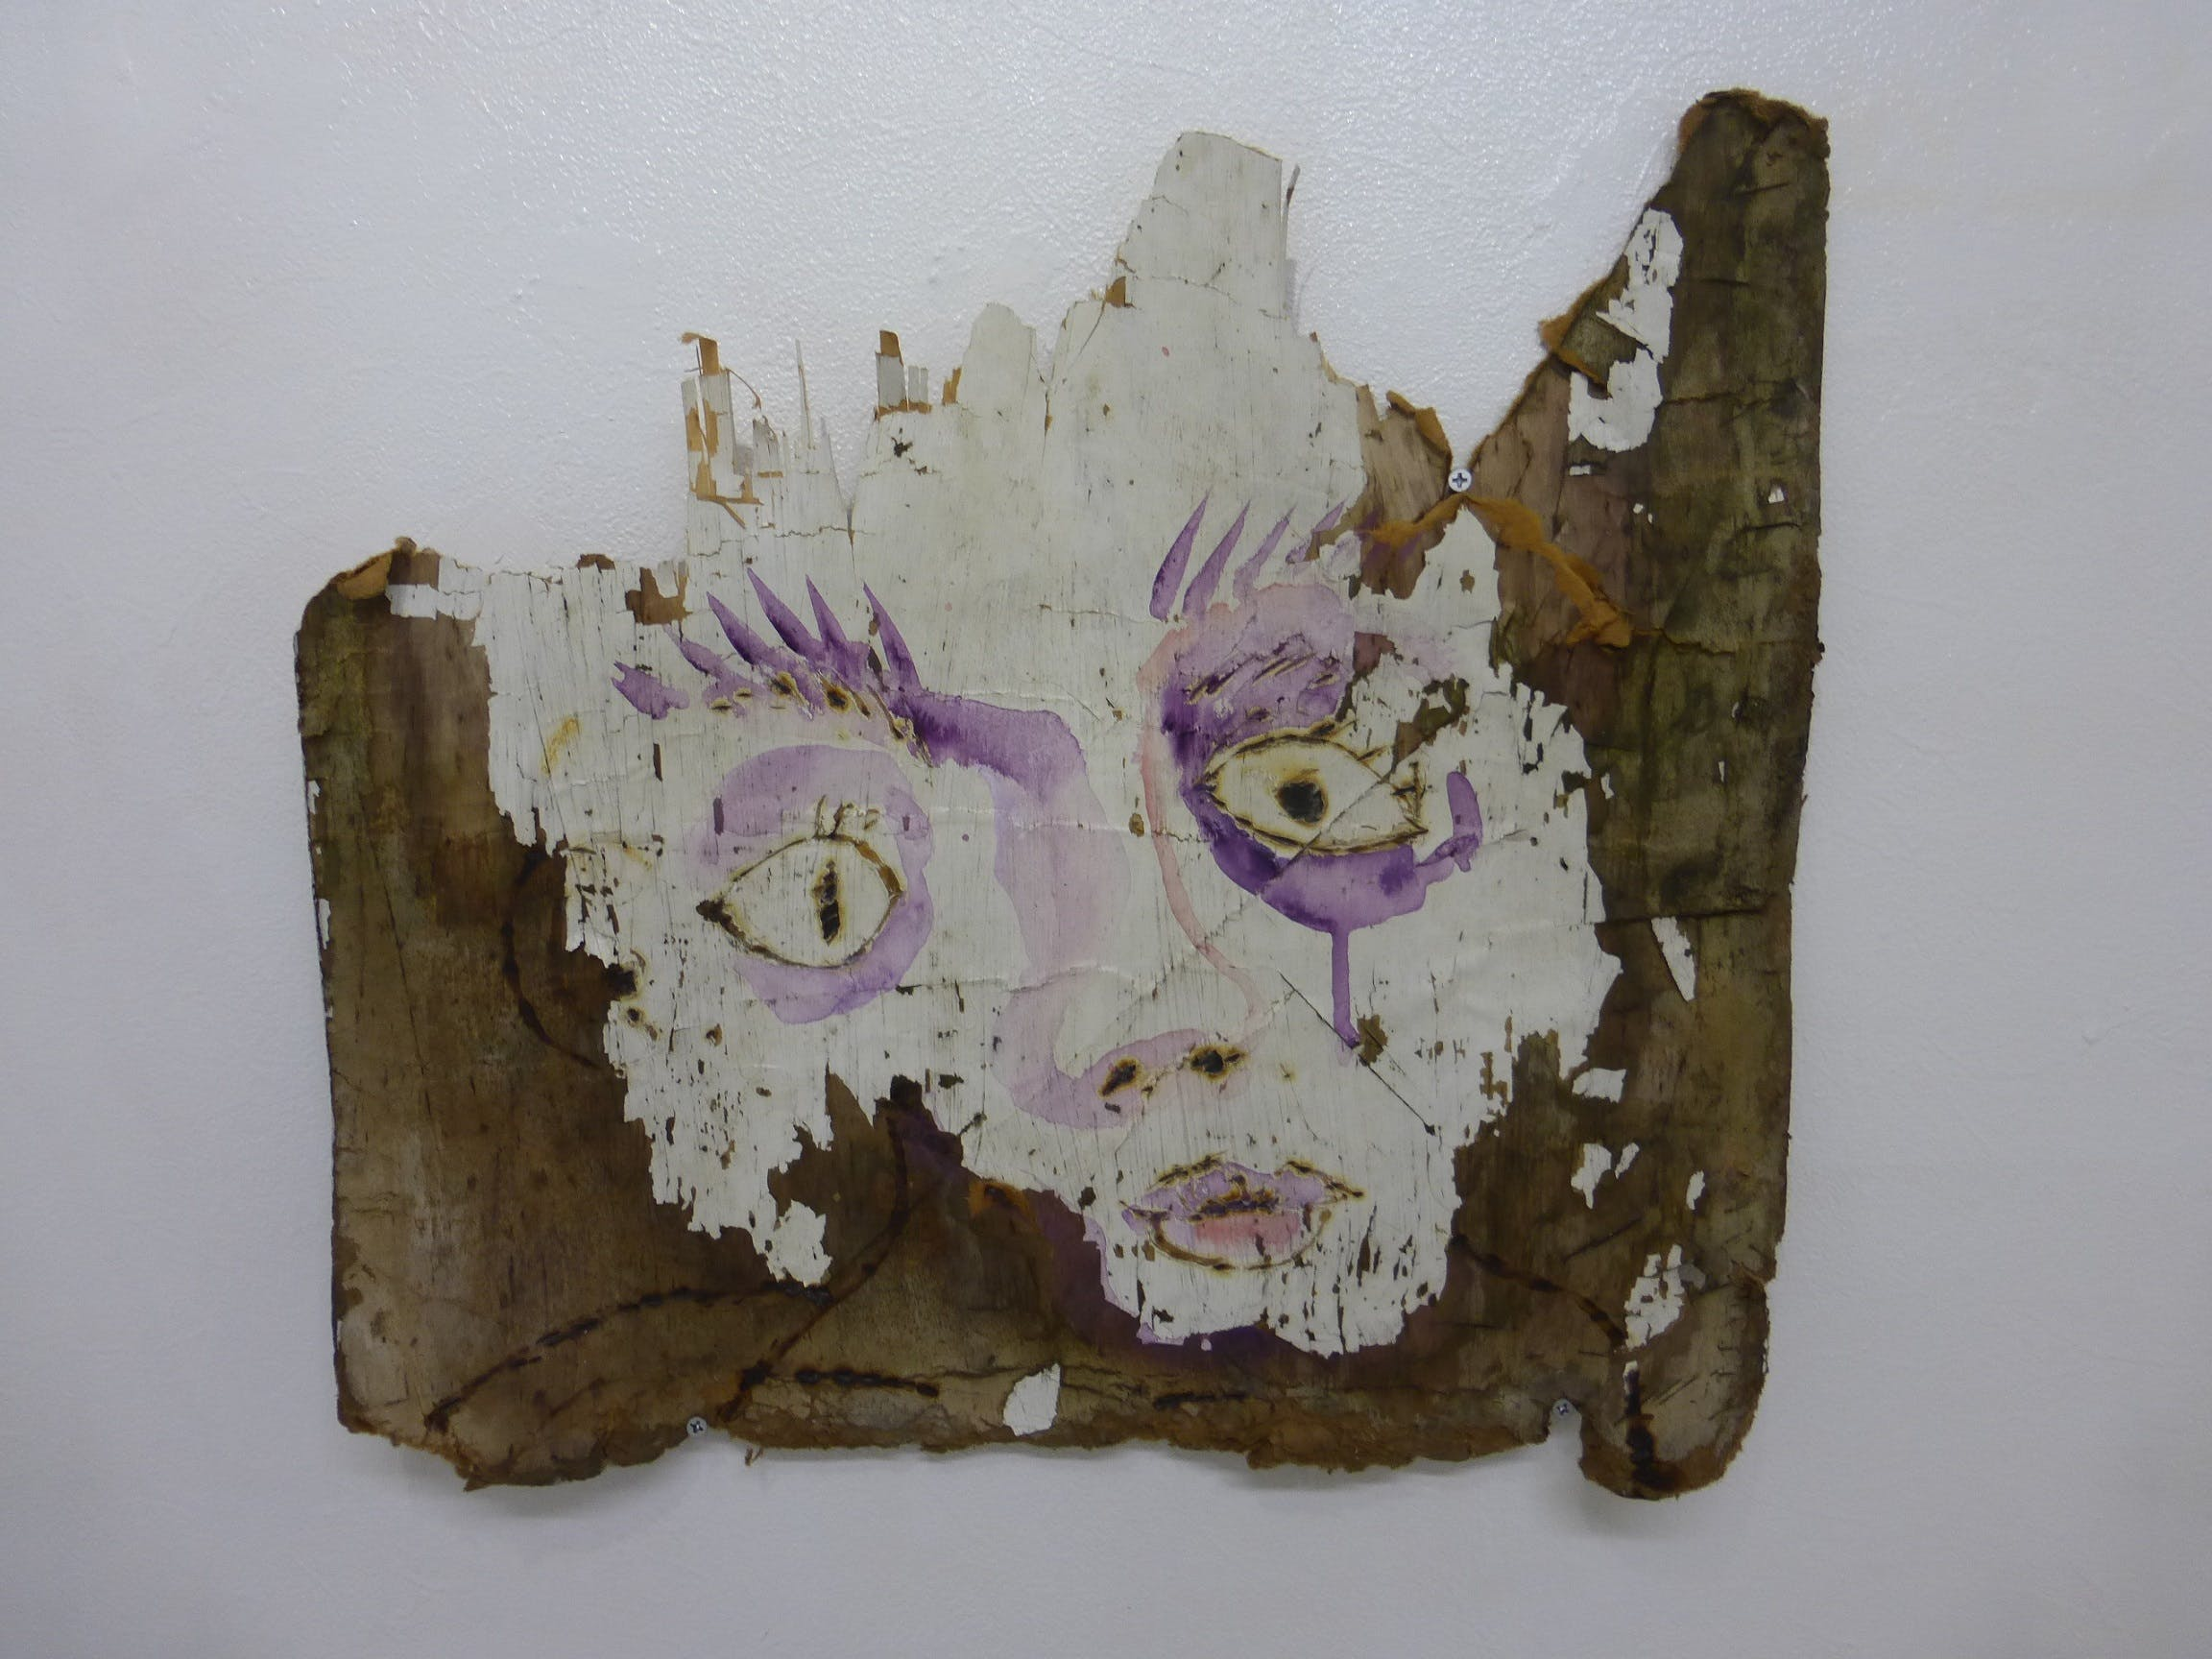 廃材の自画像 / self-portrait4 in waste materials